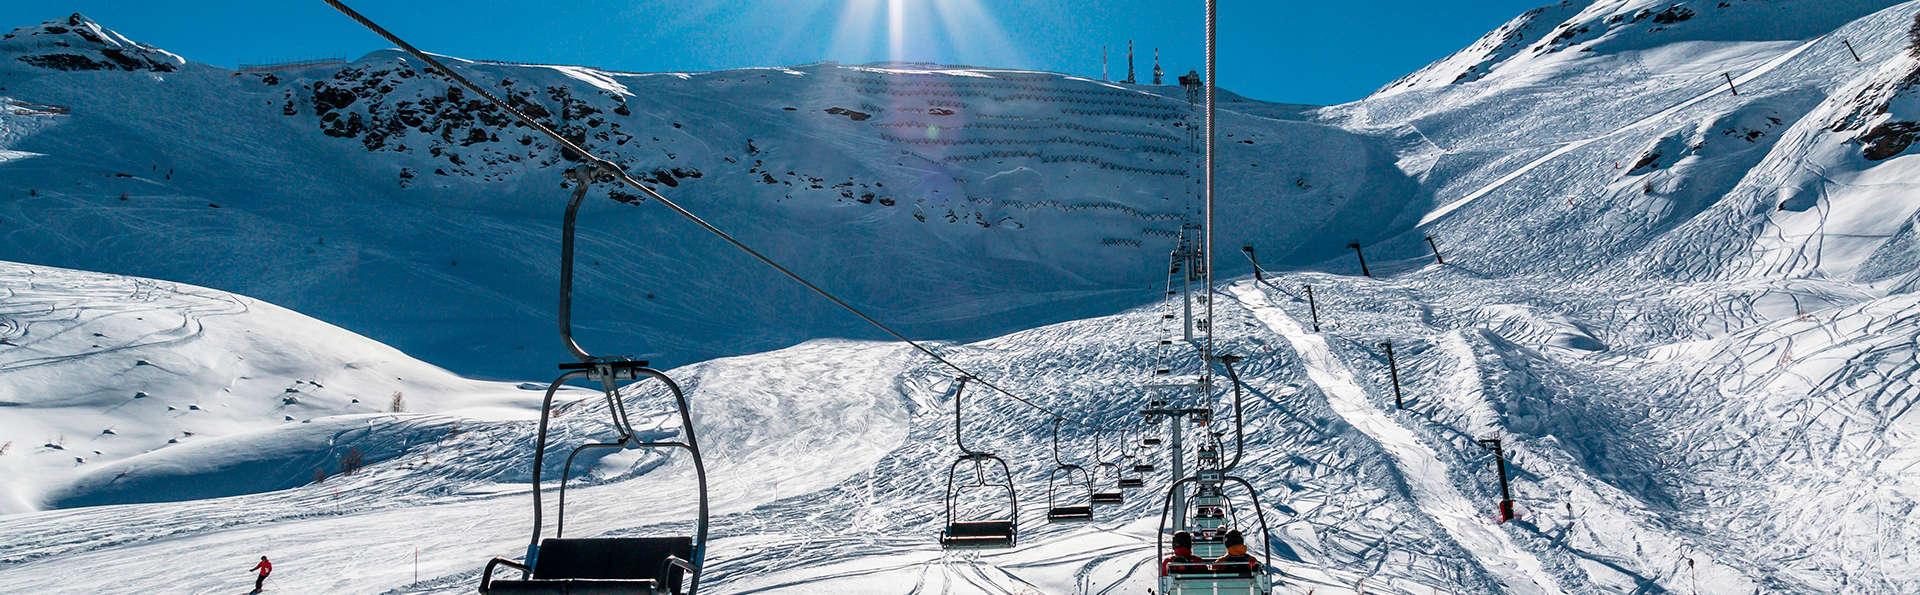 Especial Esquí con forfait en Candanchú